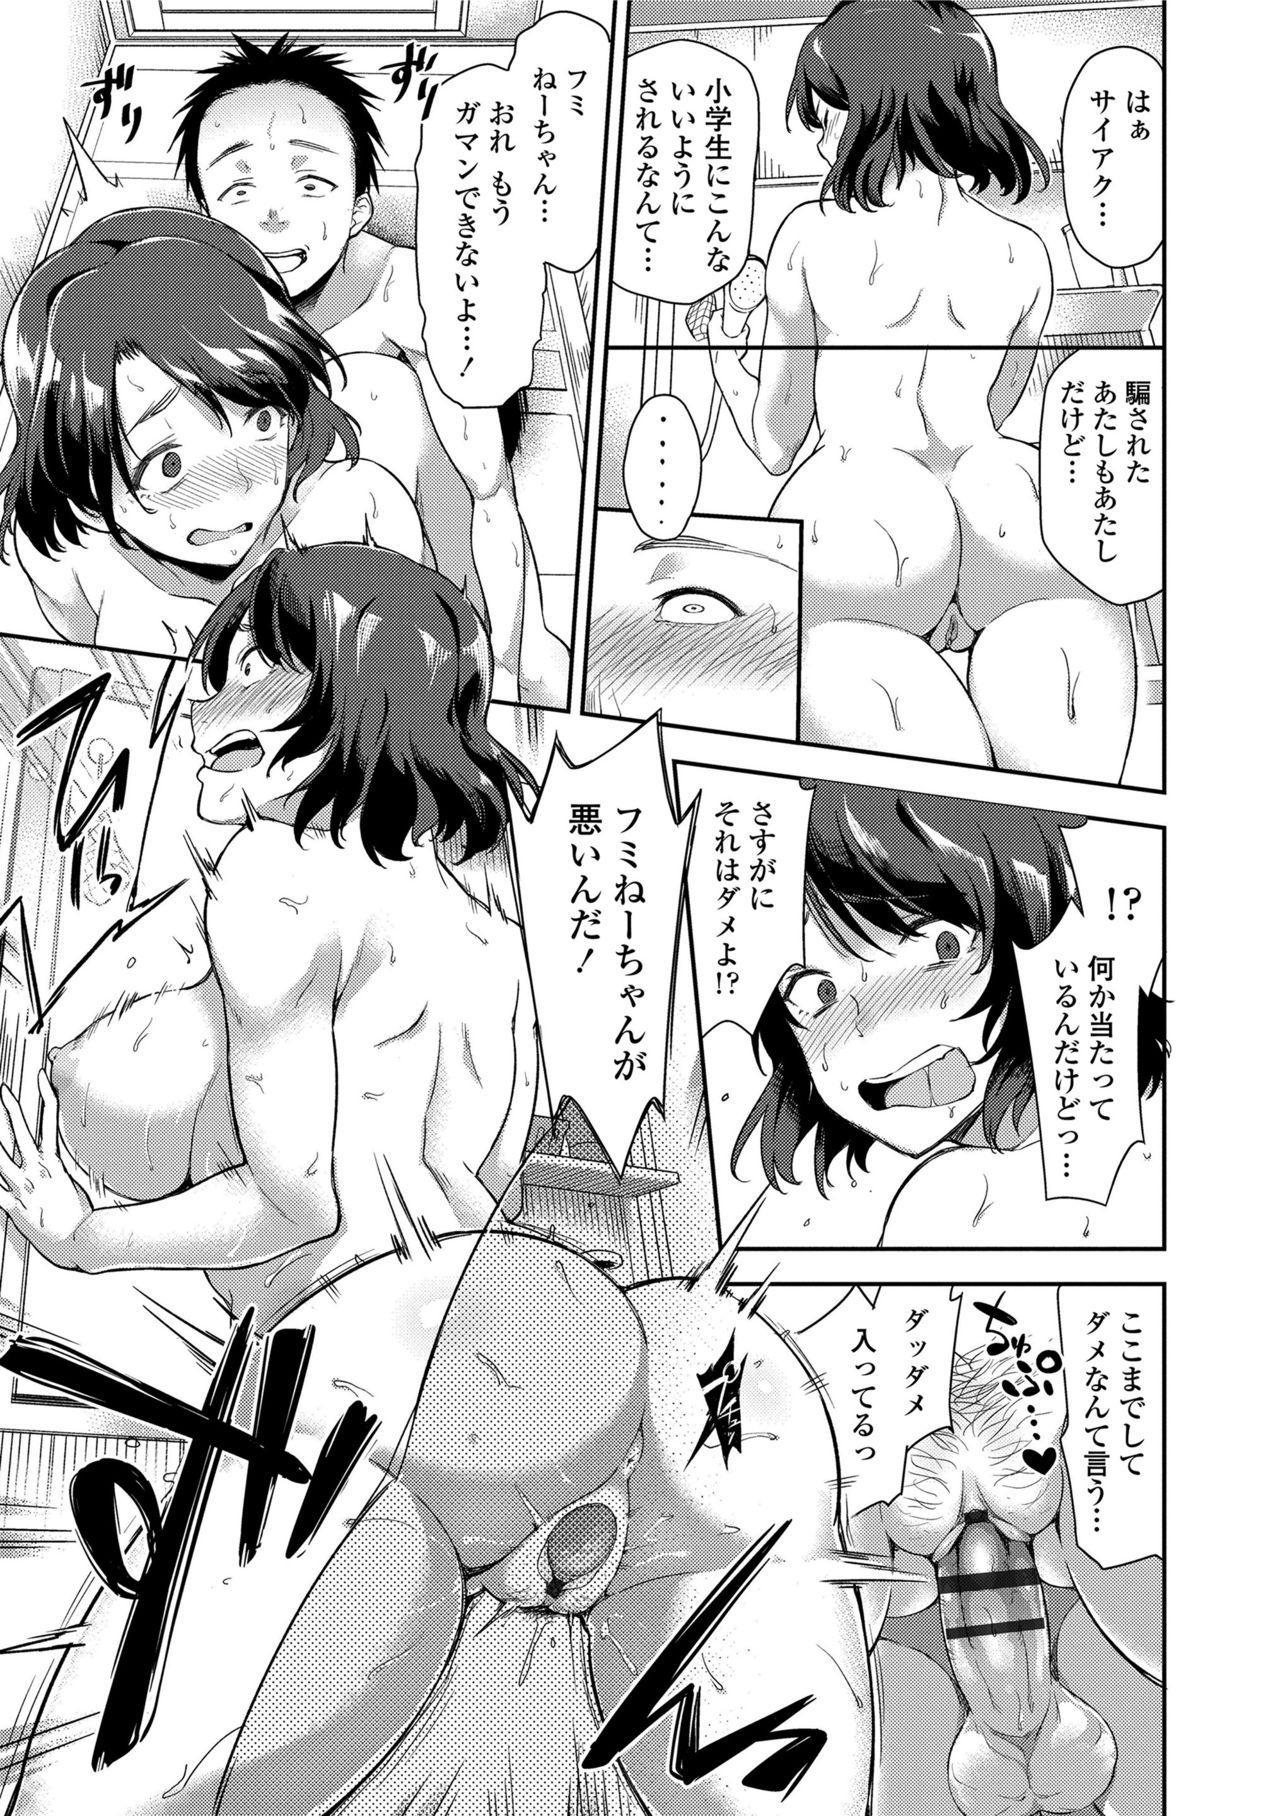 Ai ga Nakutemo Ecchi wa Dekiru! - Even if There is No Love You Can H! 114